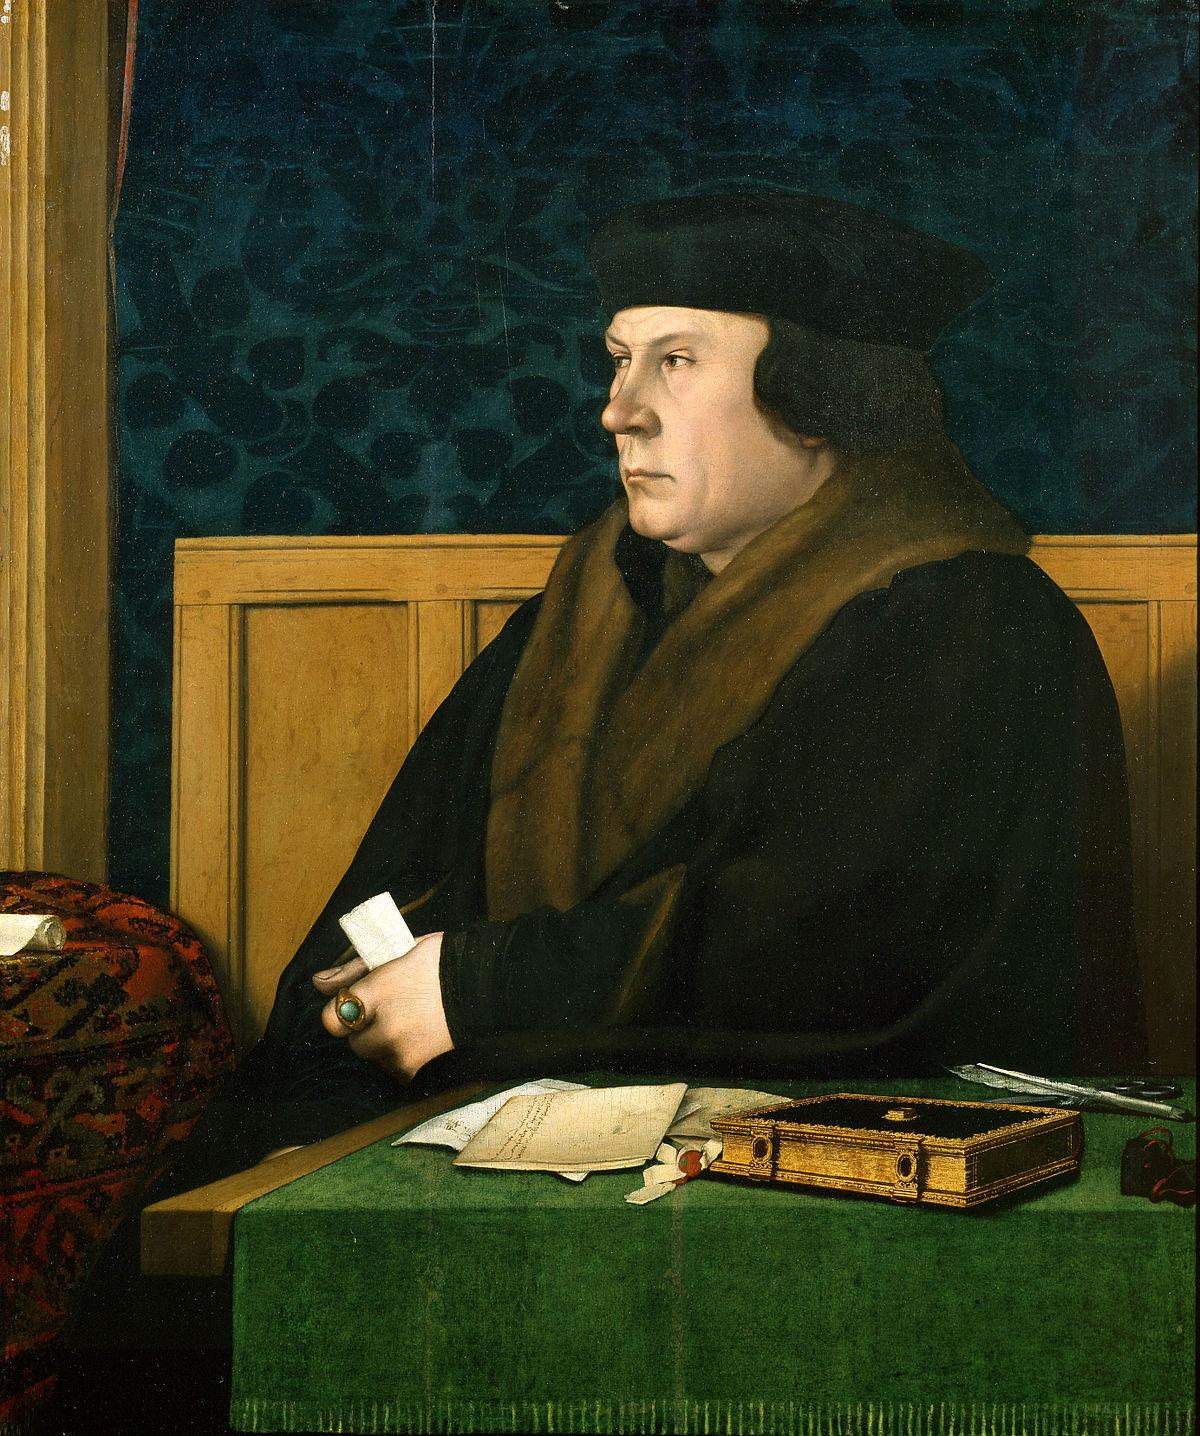 Thomas Cromwell egykori londoni otthonába ad betekintést egy új tanulmány